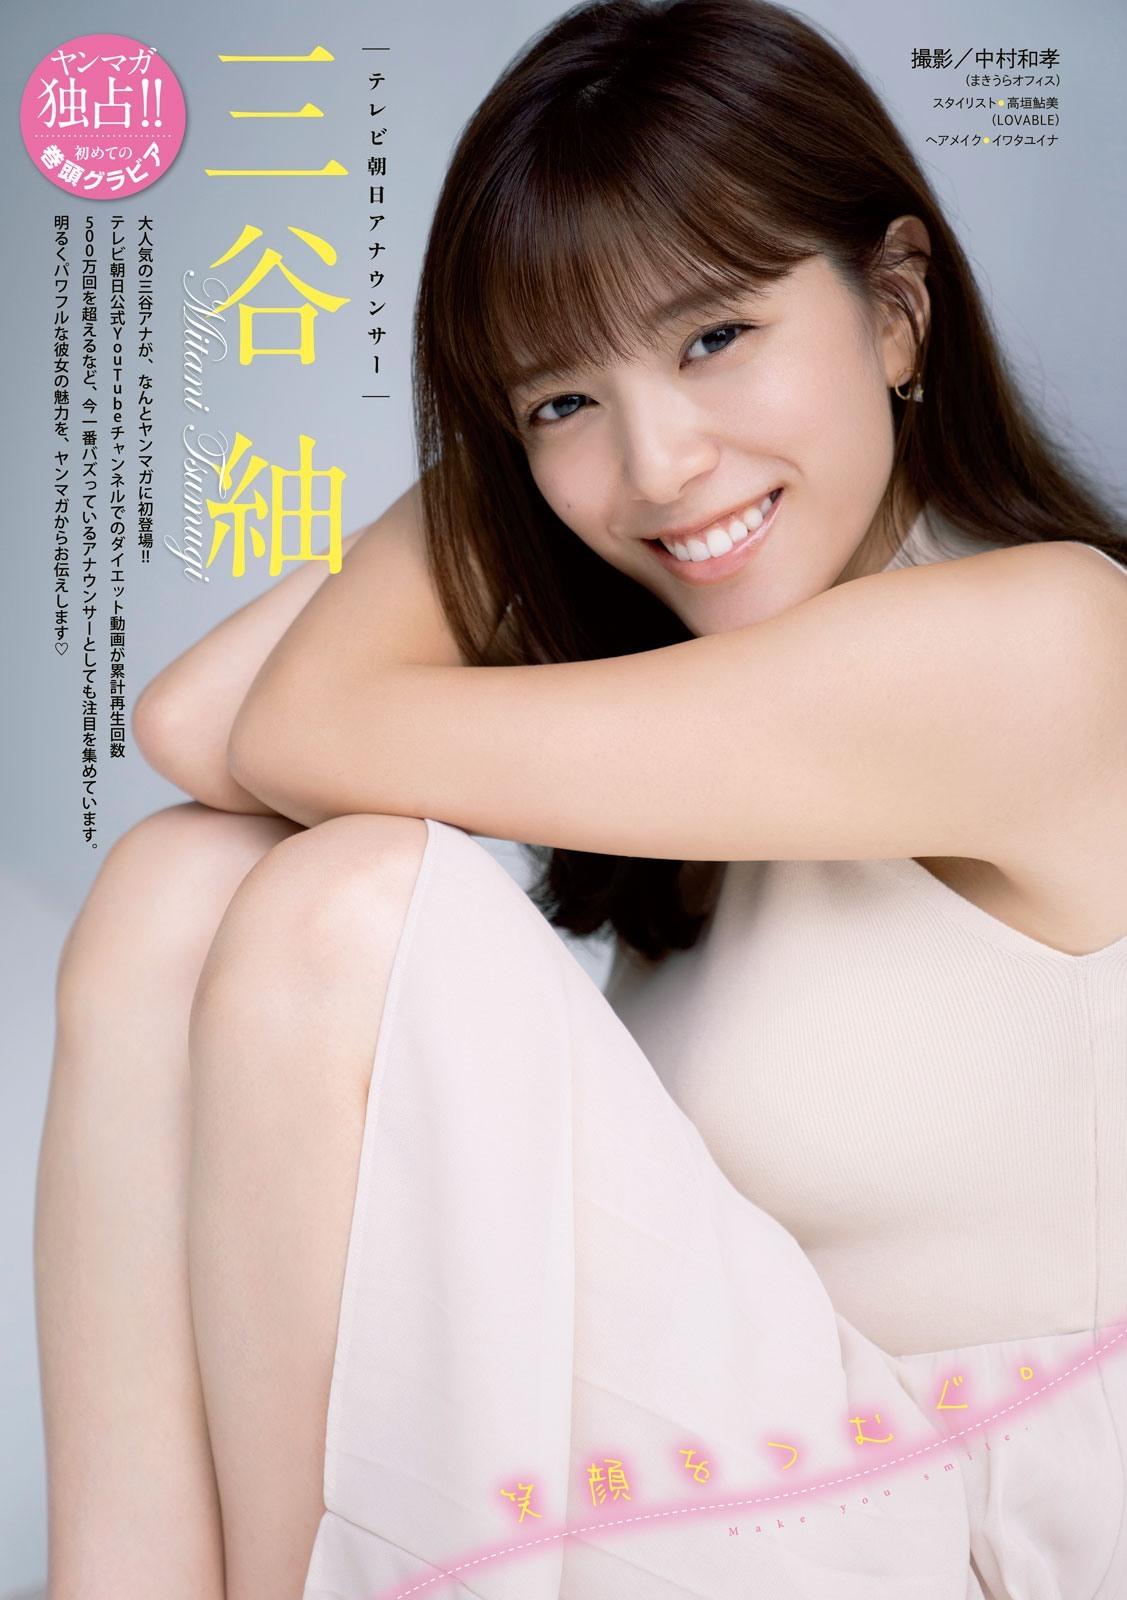 三谷紬 Young Magazine